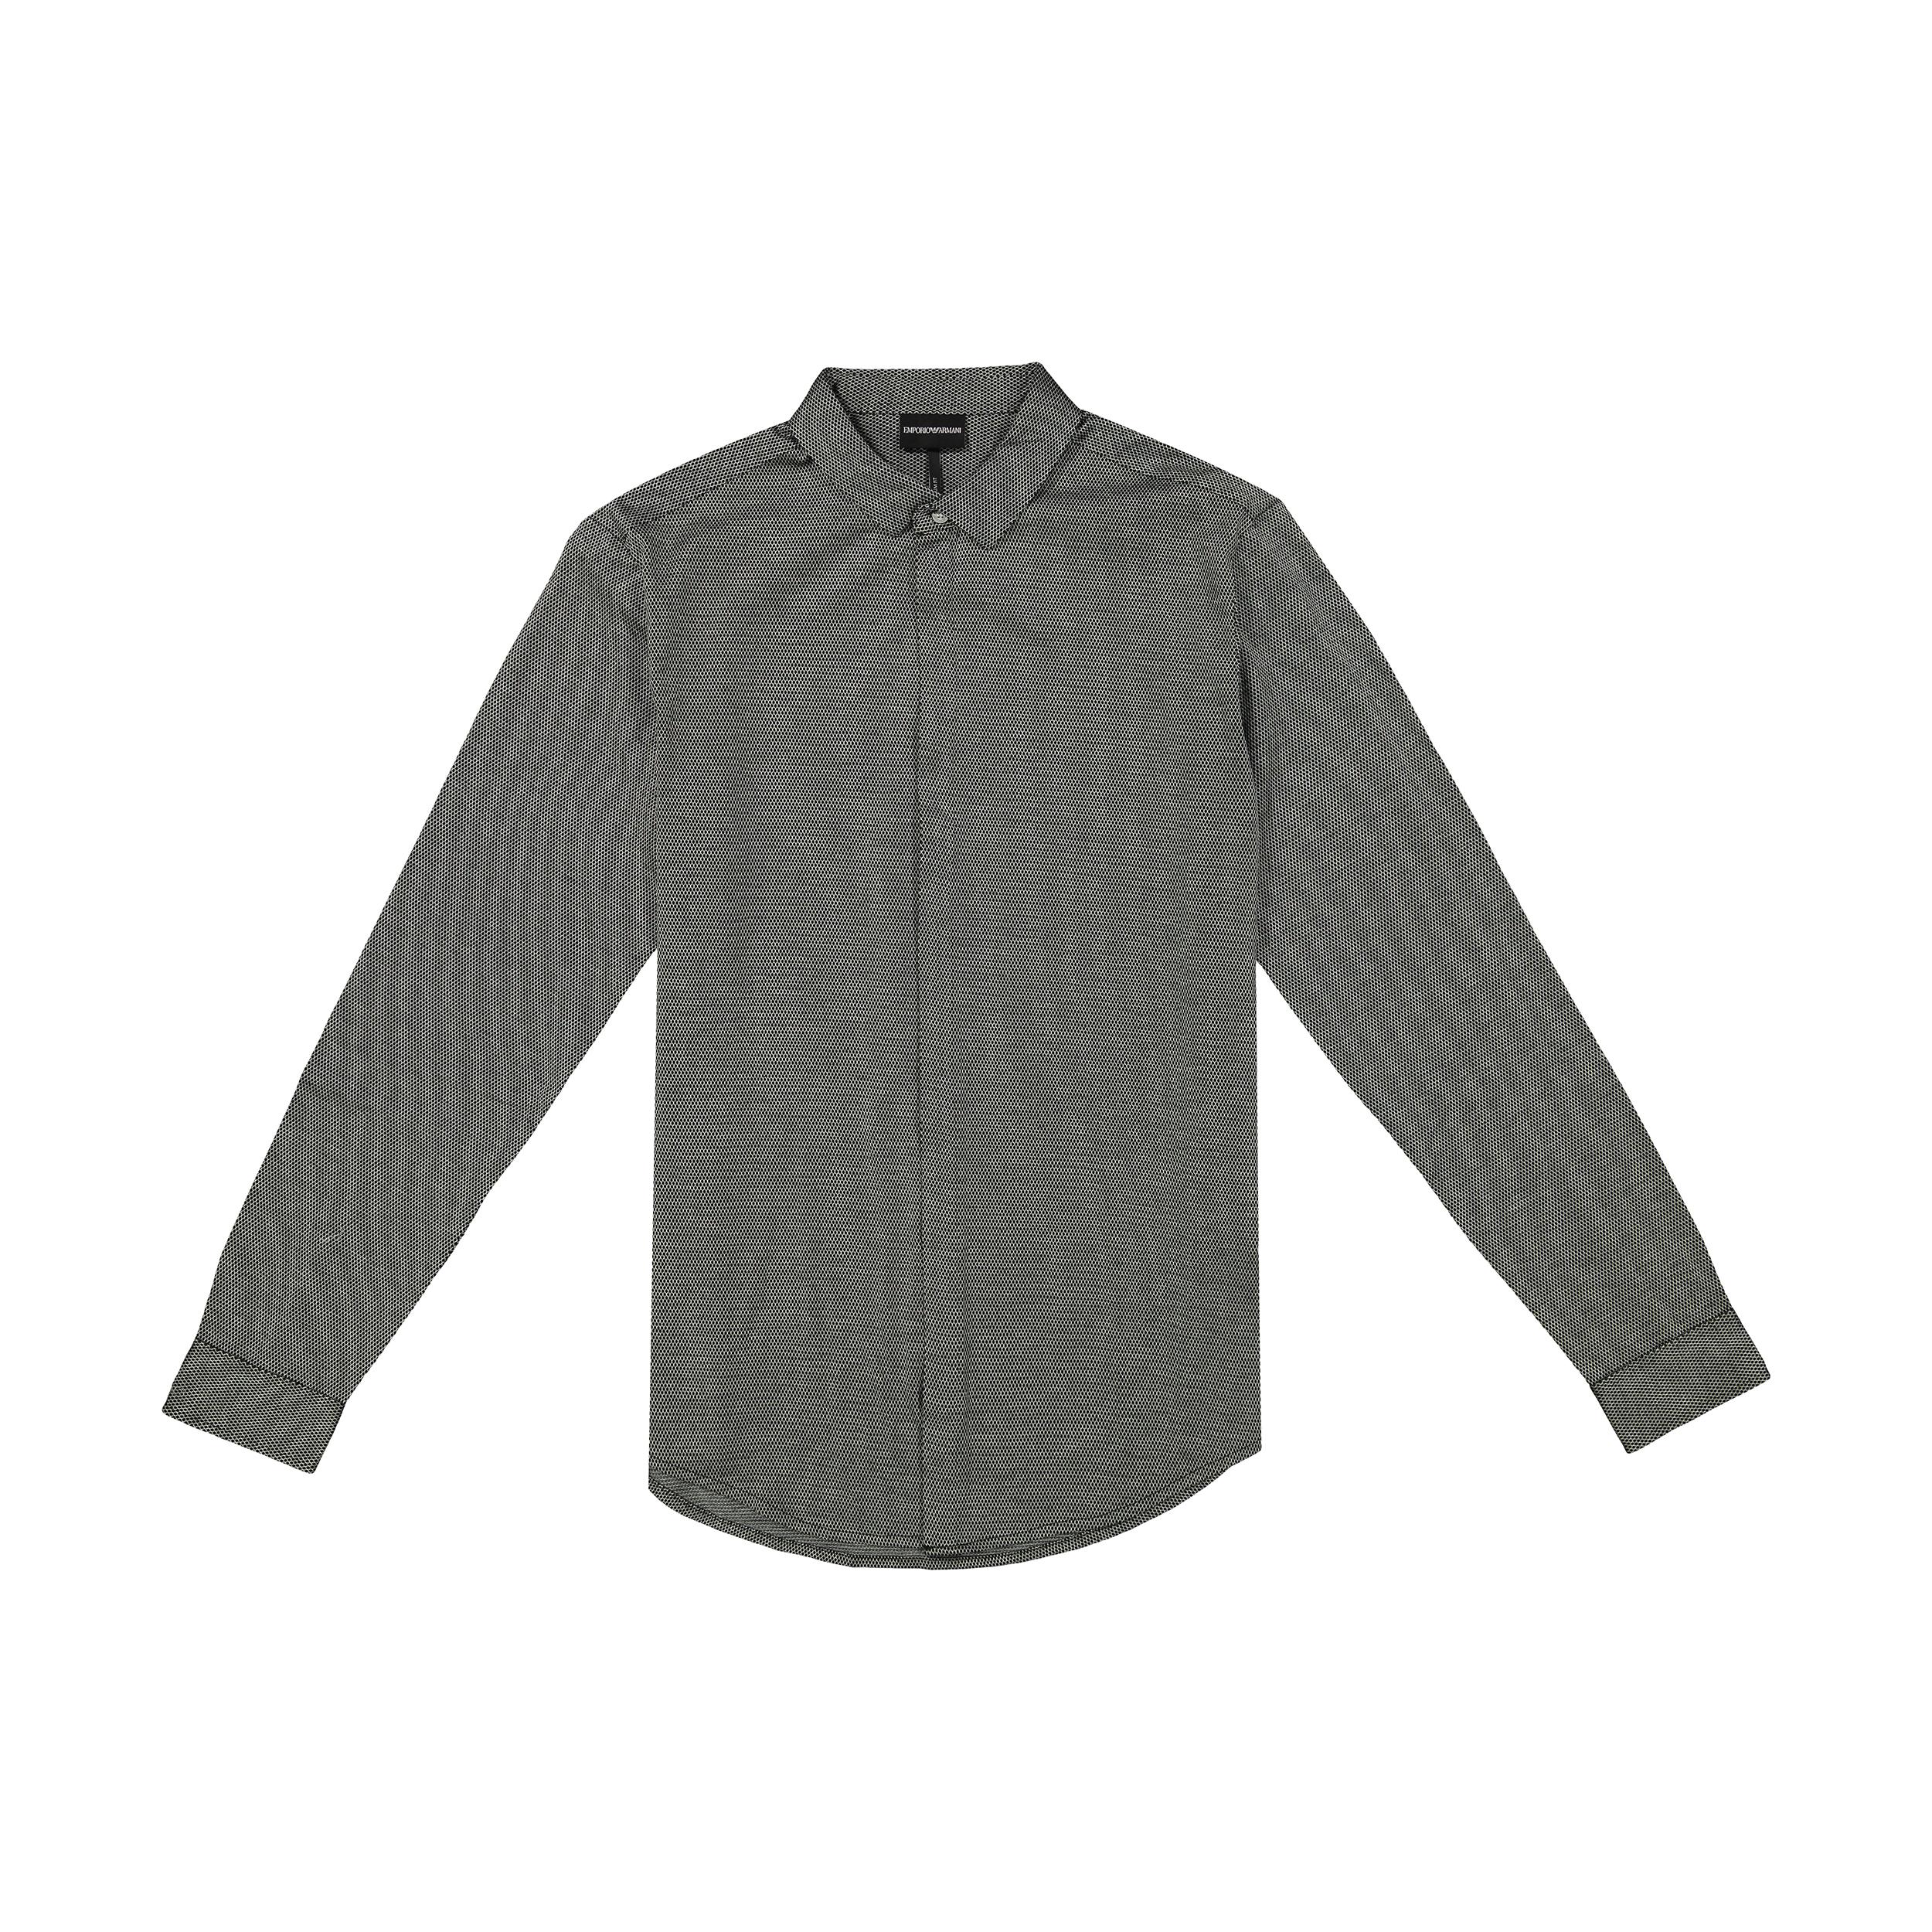 پیراهن آستین بلند مردانه امپریو آرمانی مدل 3G1CG11JKVZ-F503